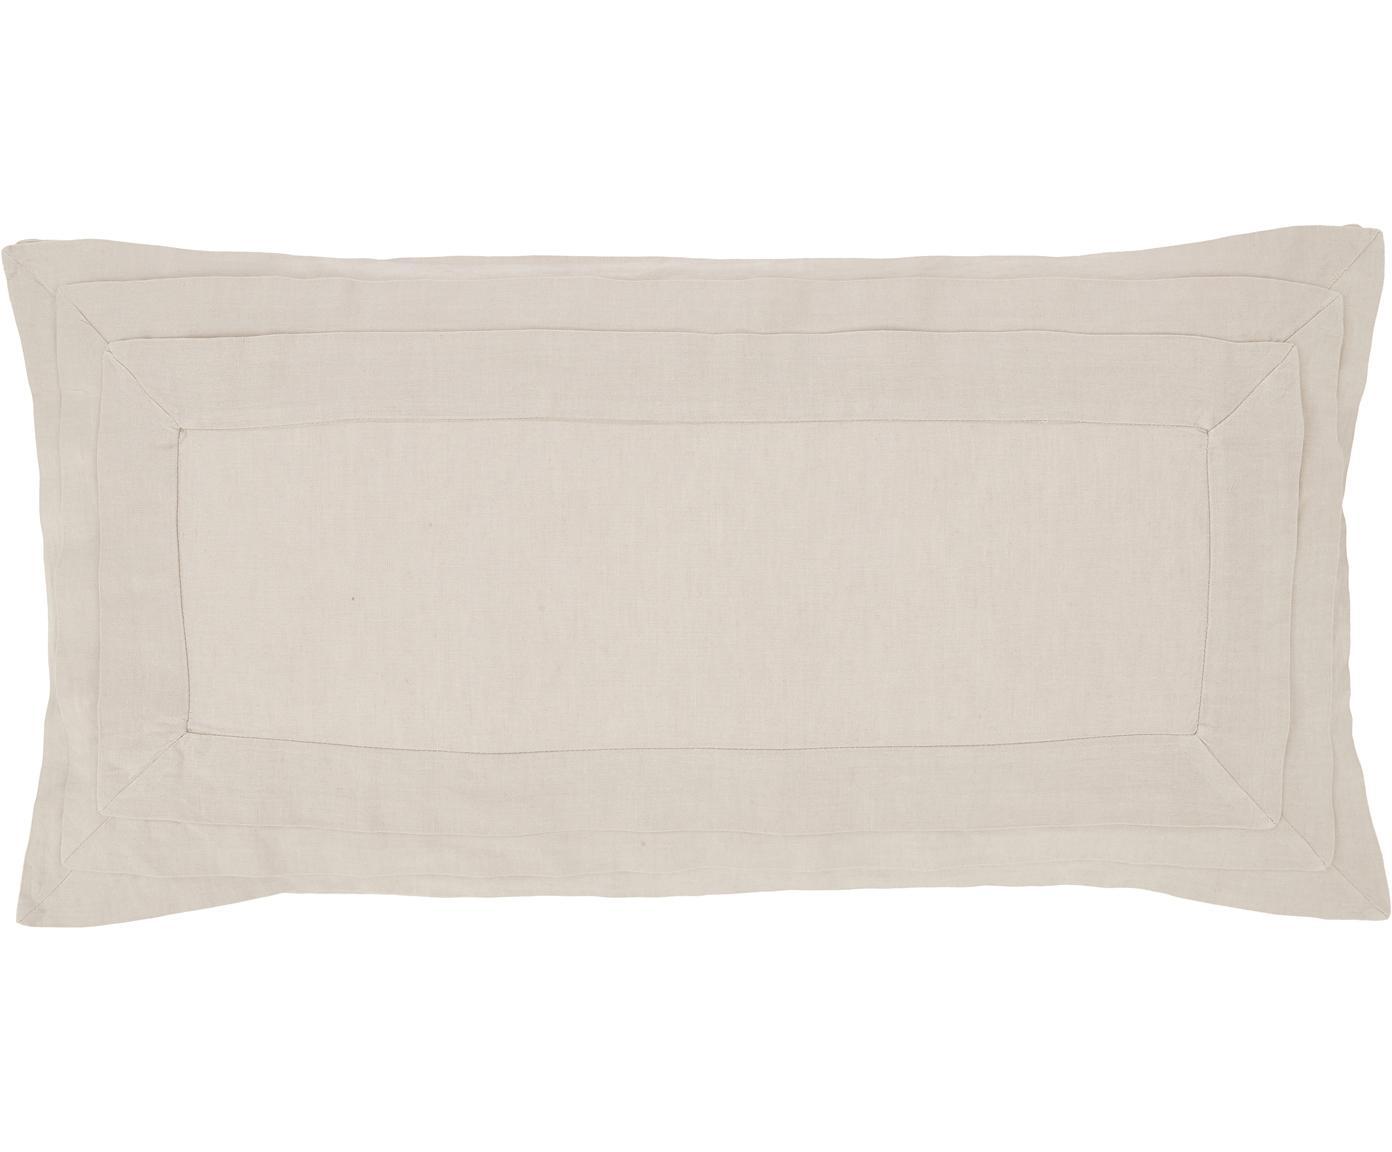 Poszewki na poduszki z lnu z efektem sprania Helena, 2 szt., Pół len (52% len, 48% bawełna) Z efektem stonewash zapewniającym miękkość w dotyku, Beżowy, S 40 x D 80 cm